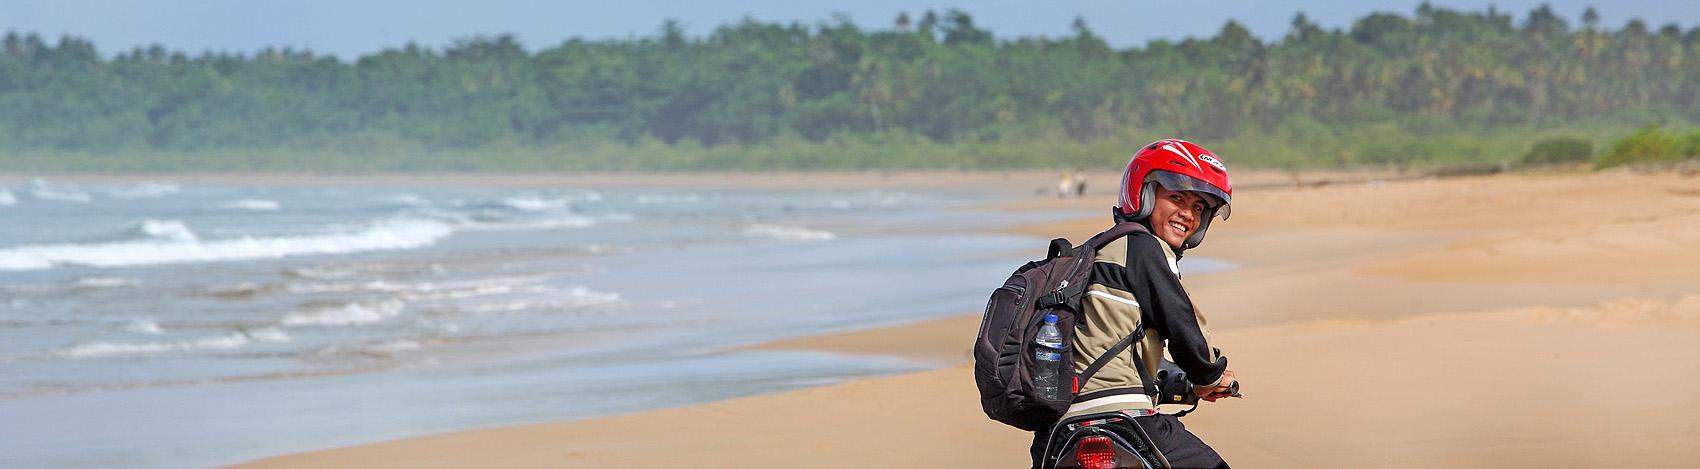 Motorbike touring on Toyalawa beach on the west-coast of North Nias (Nias Utara), Nias Island, Indonesia.